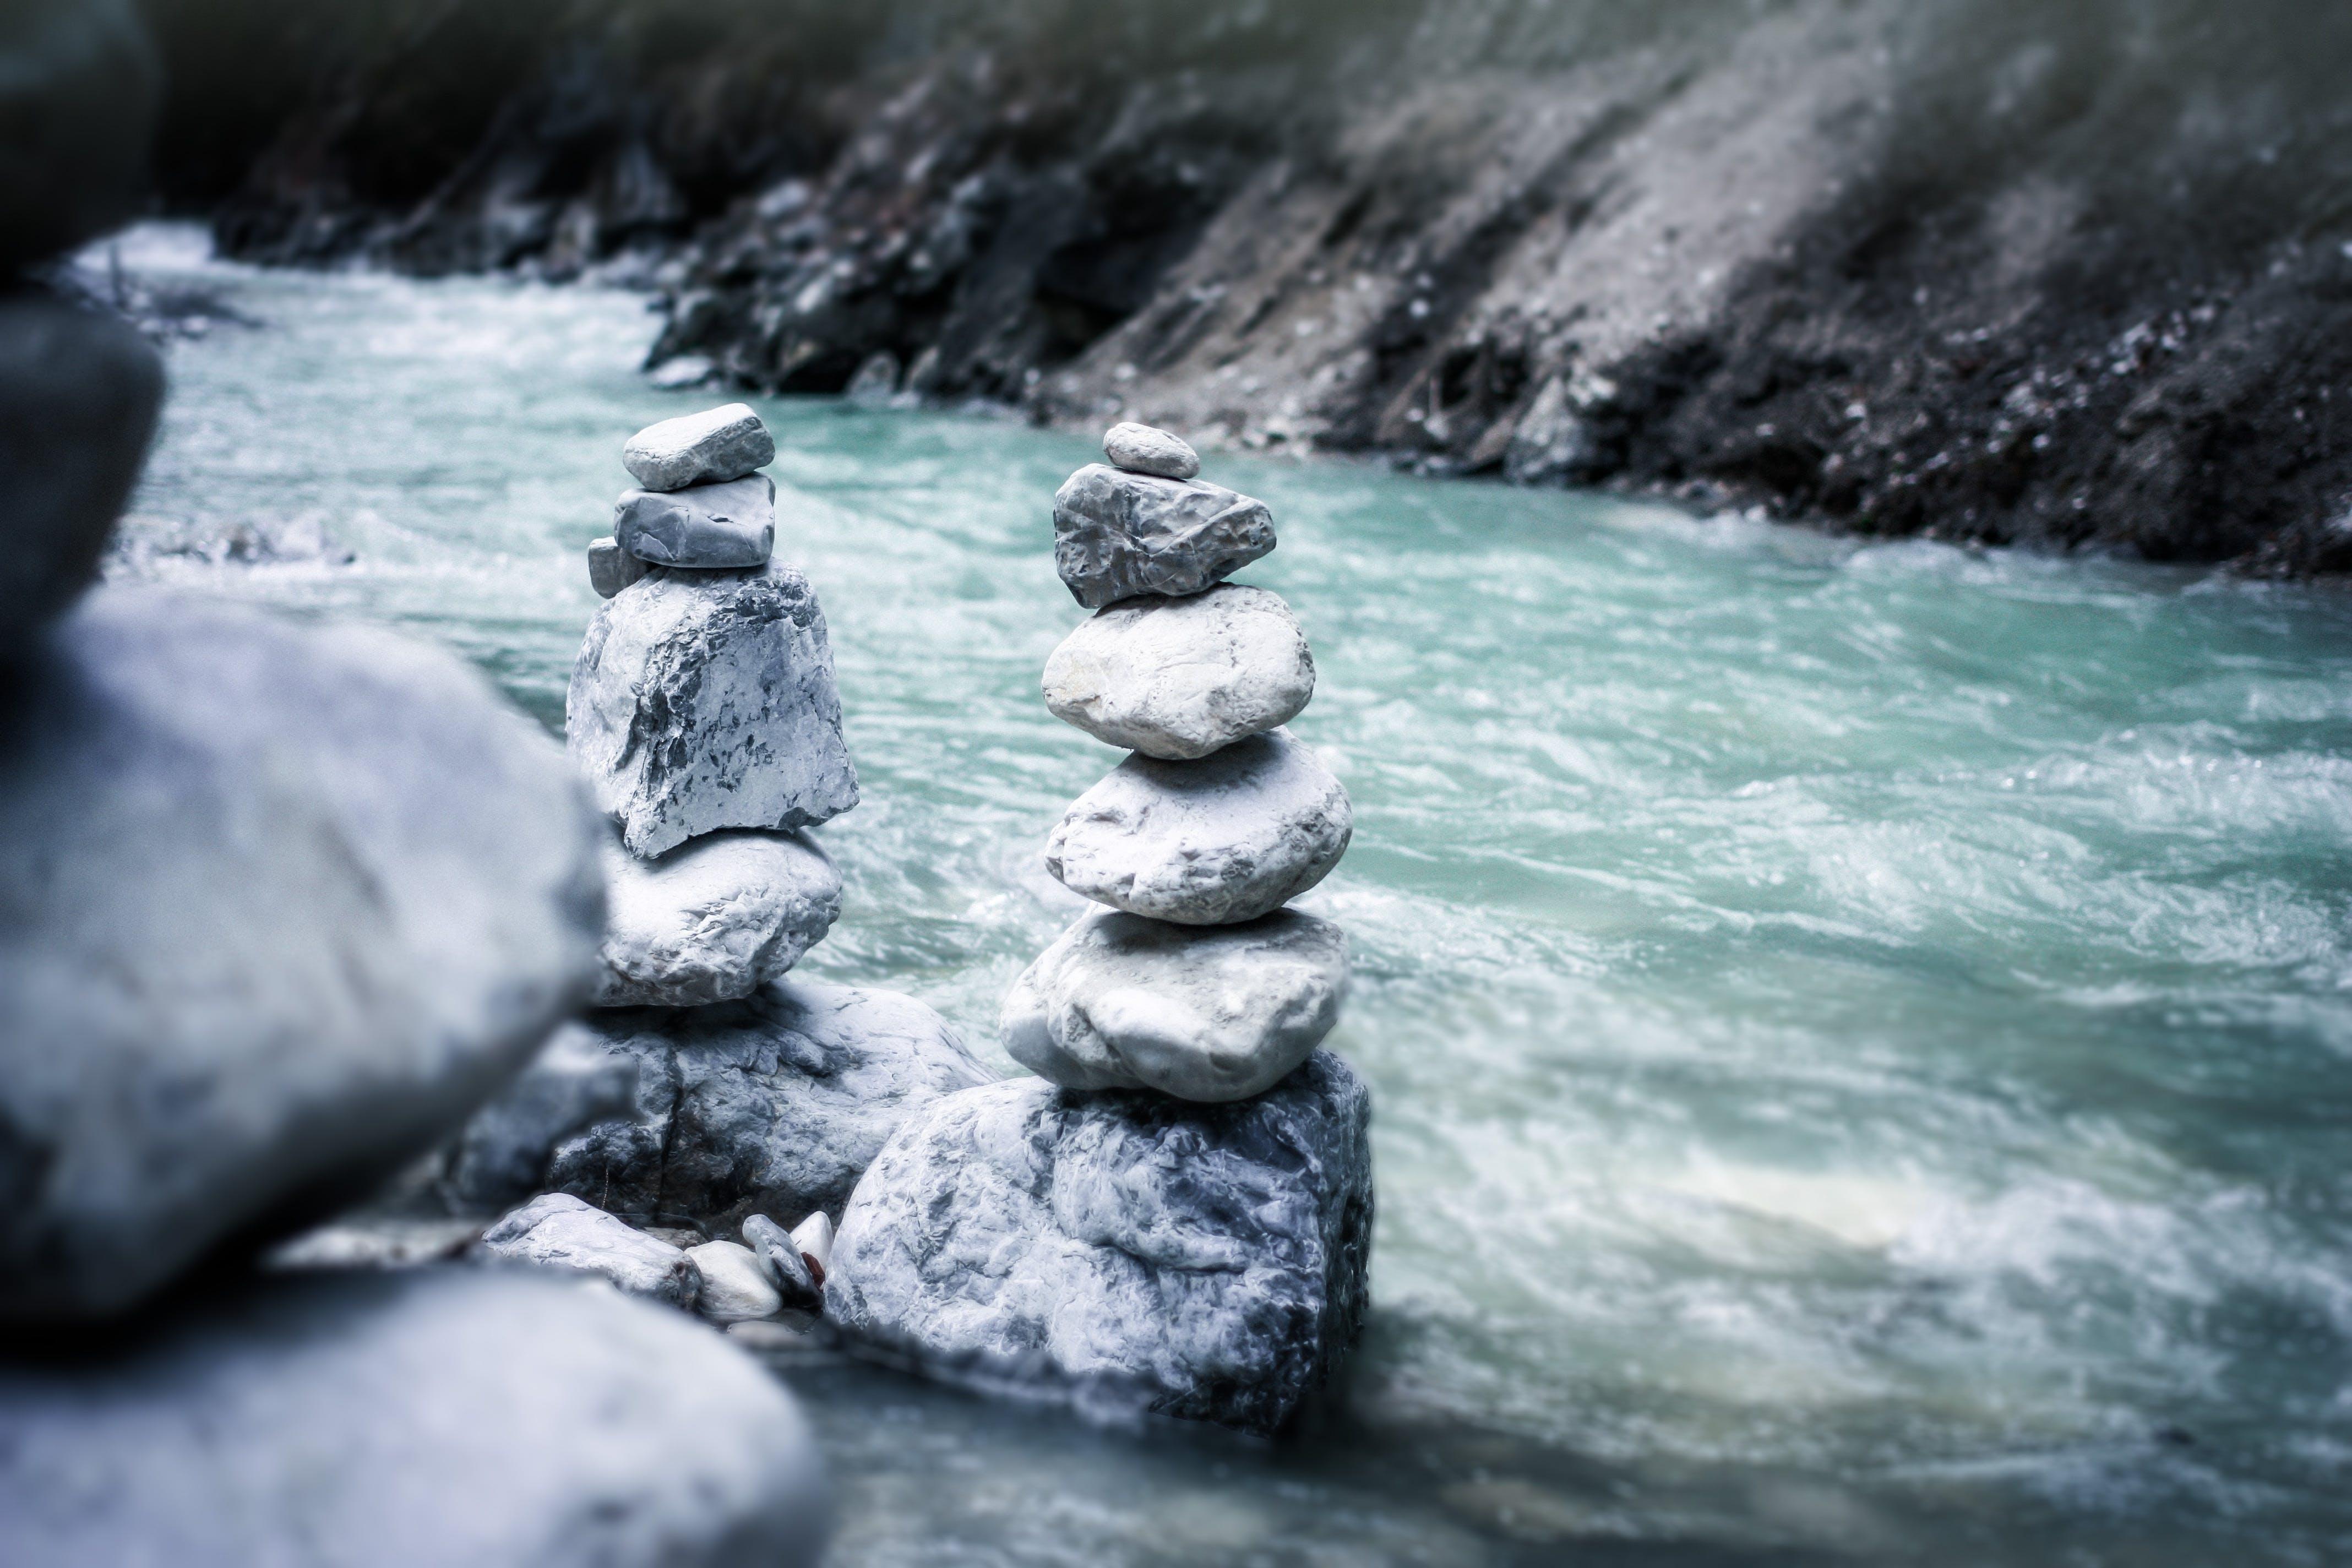 Kostnadsfri bild av balansera stenar, natur, röse, vatten